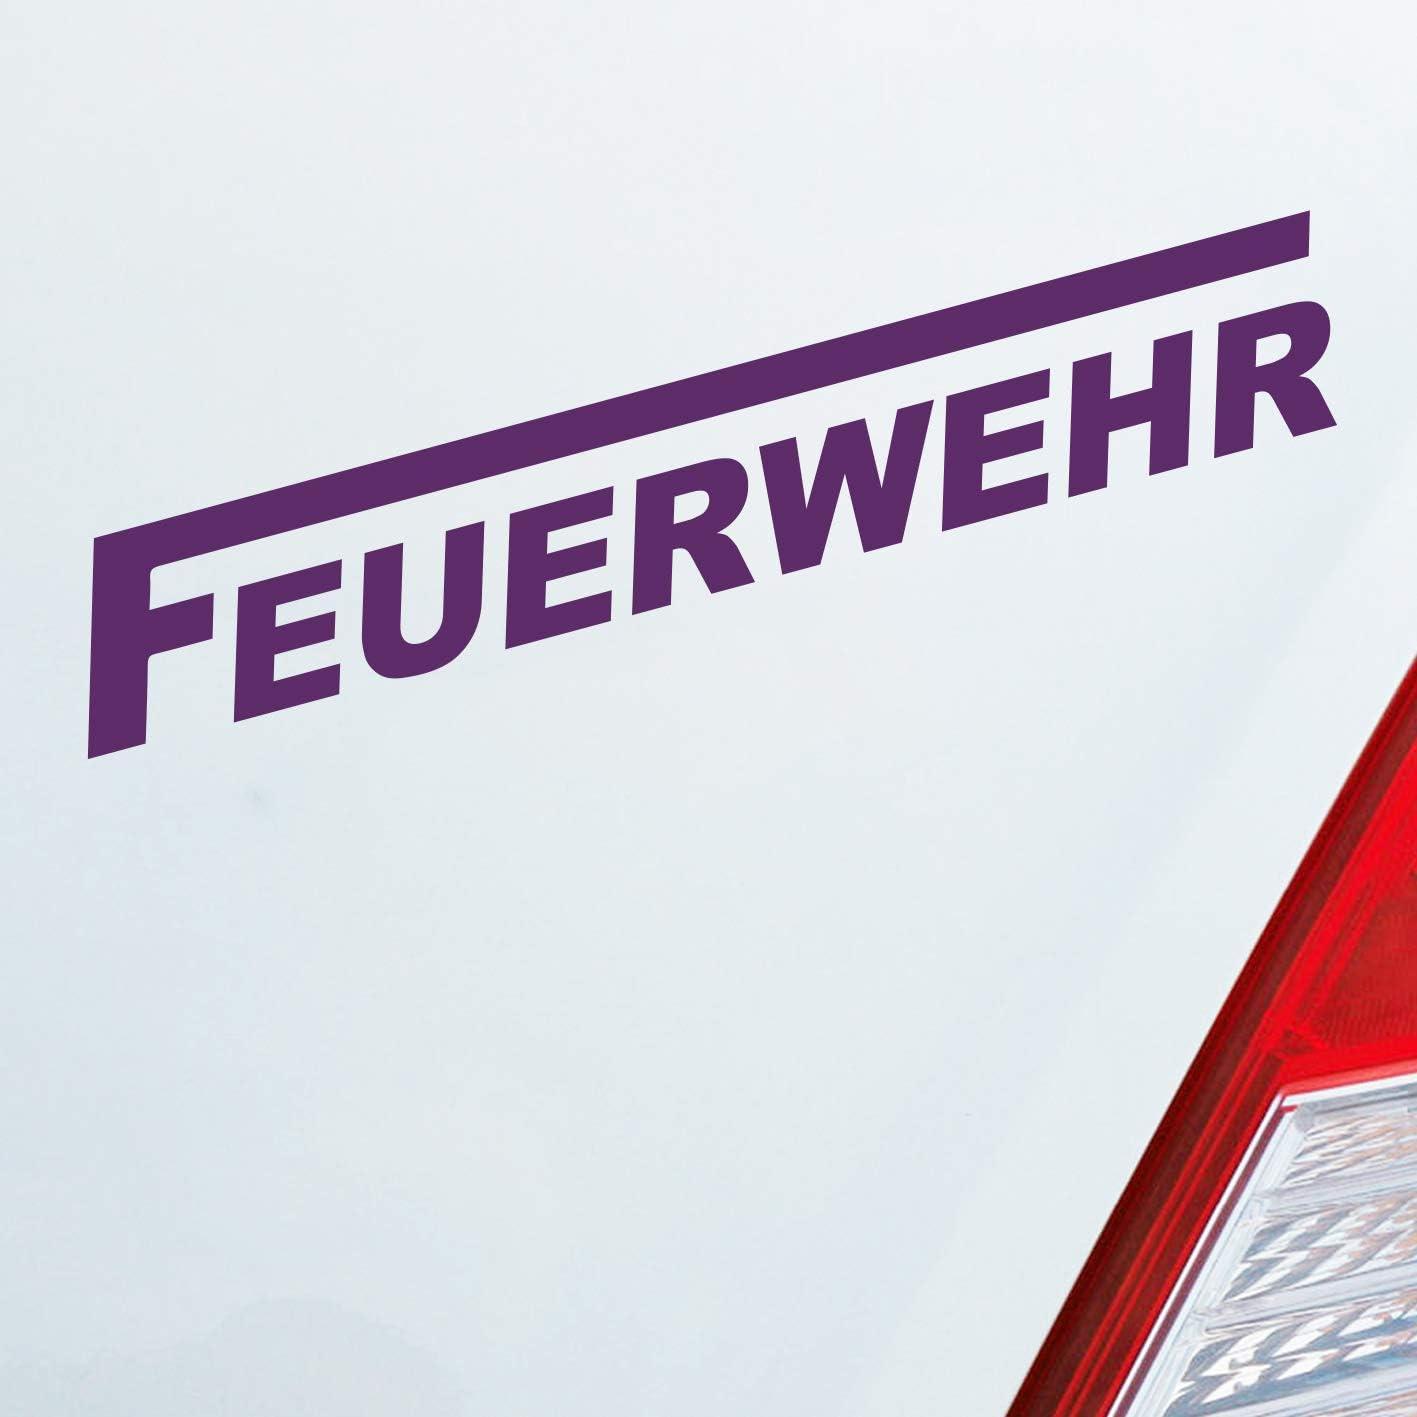 Auto Aufkleber in deiner Wunschfarbe Feuerwehr langes F Leben Retten L/öschen Bergen 19x3 cm Autoaufkleber Sticker